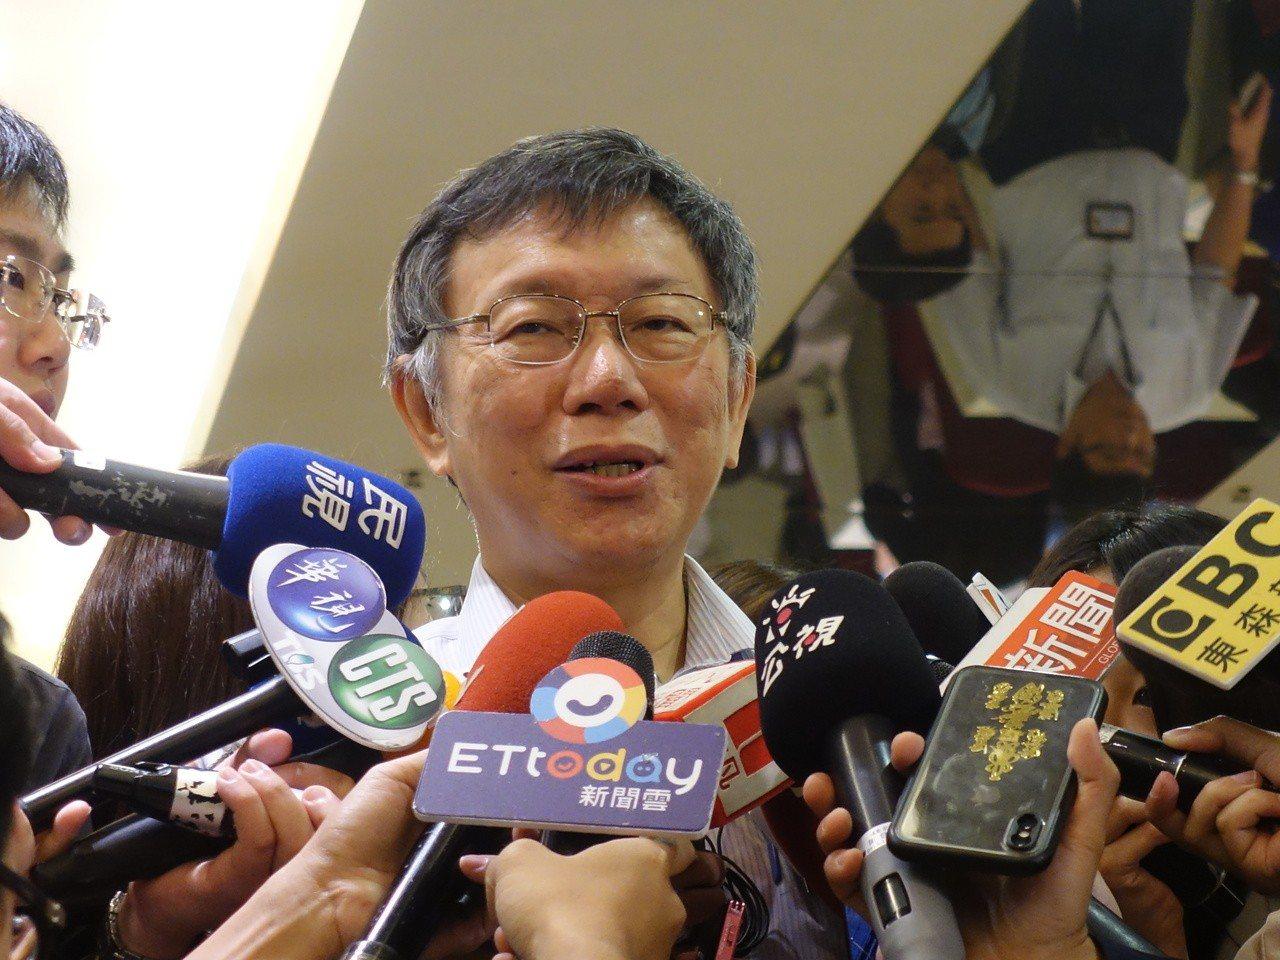 台北市長柯文哲笑說,藍綠應該要去思考,他什麼都不做,就這樣子晃晃晃,民調就幾乎和...